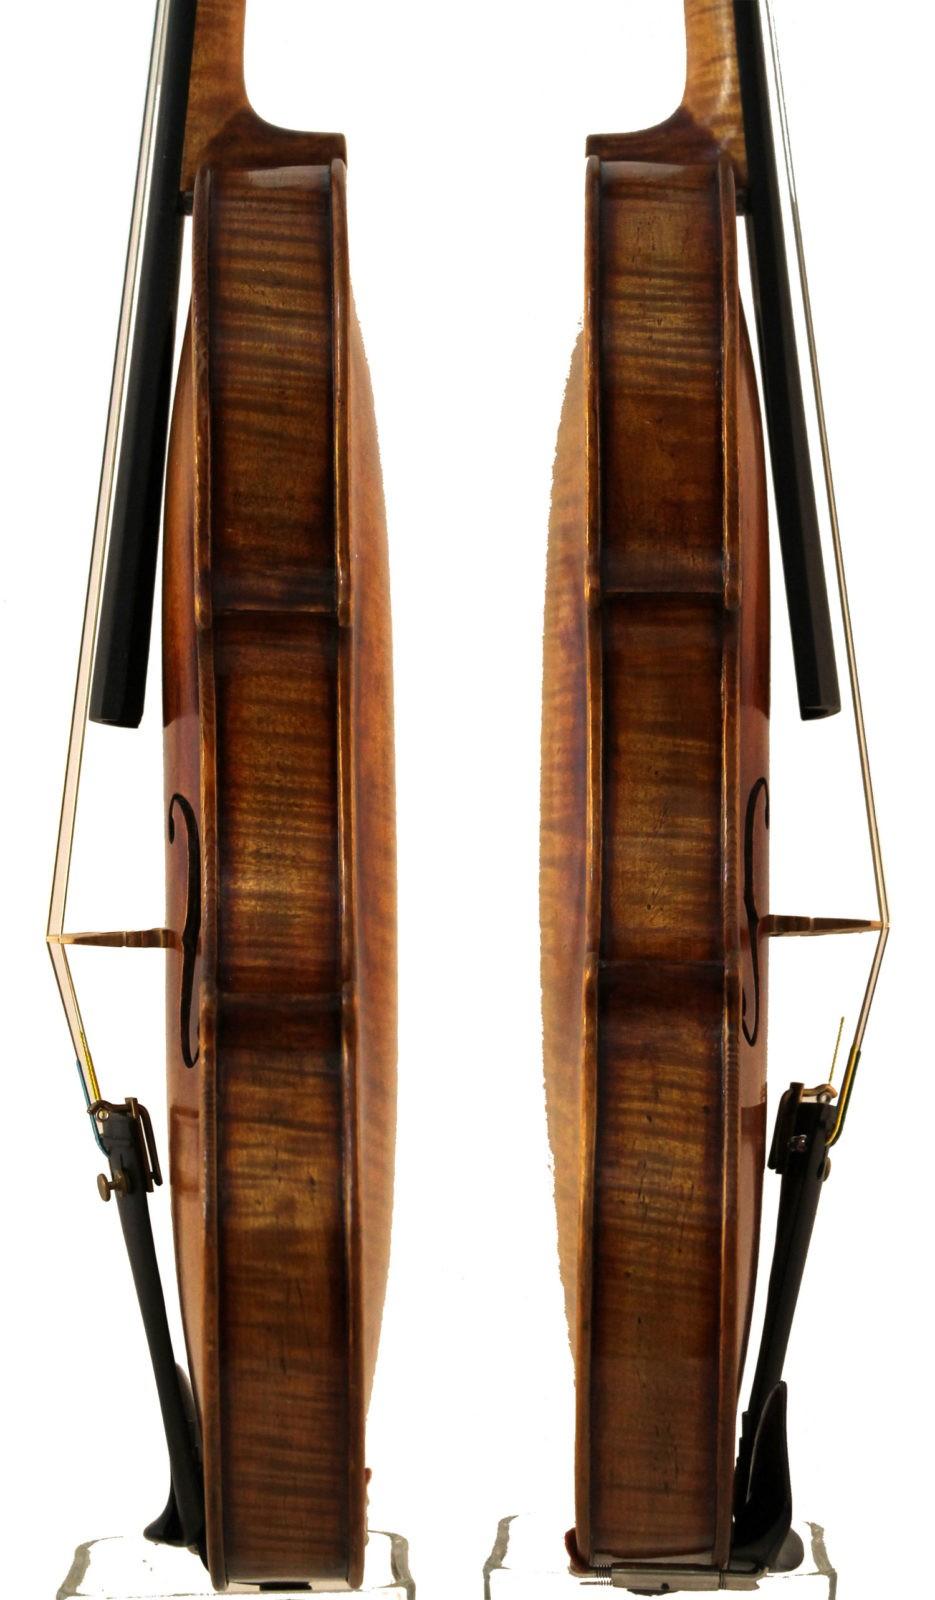 Albin O Schmidt violin sides